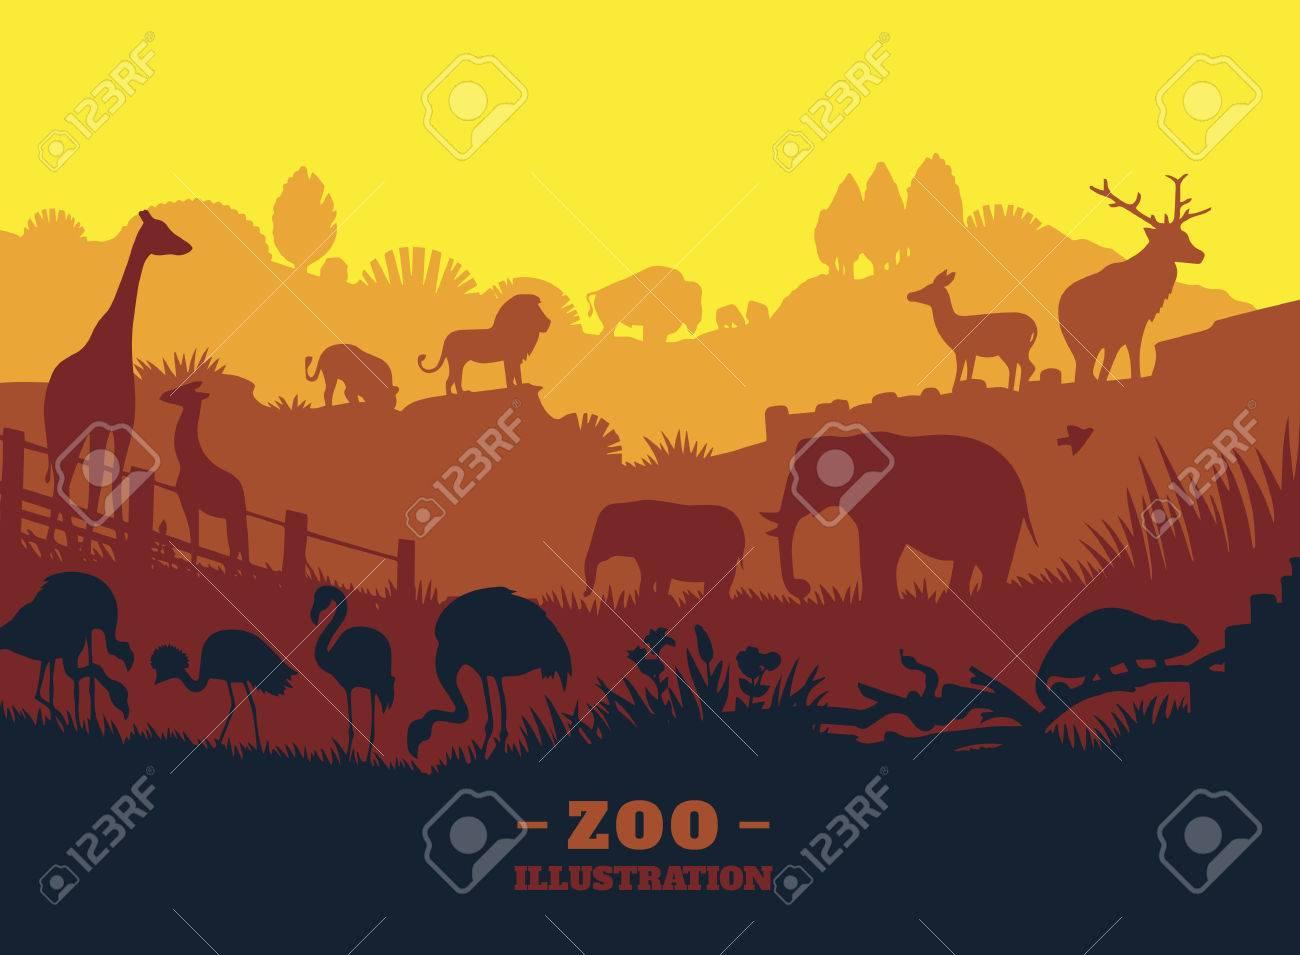 動物園 イラスト 背景